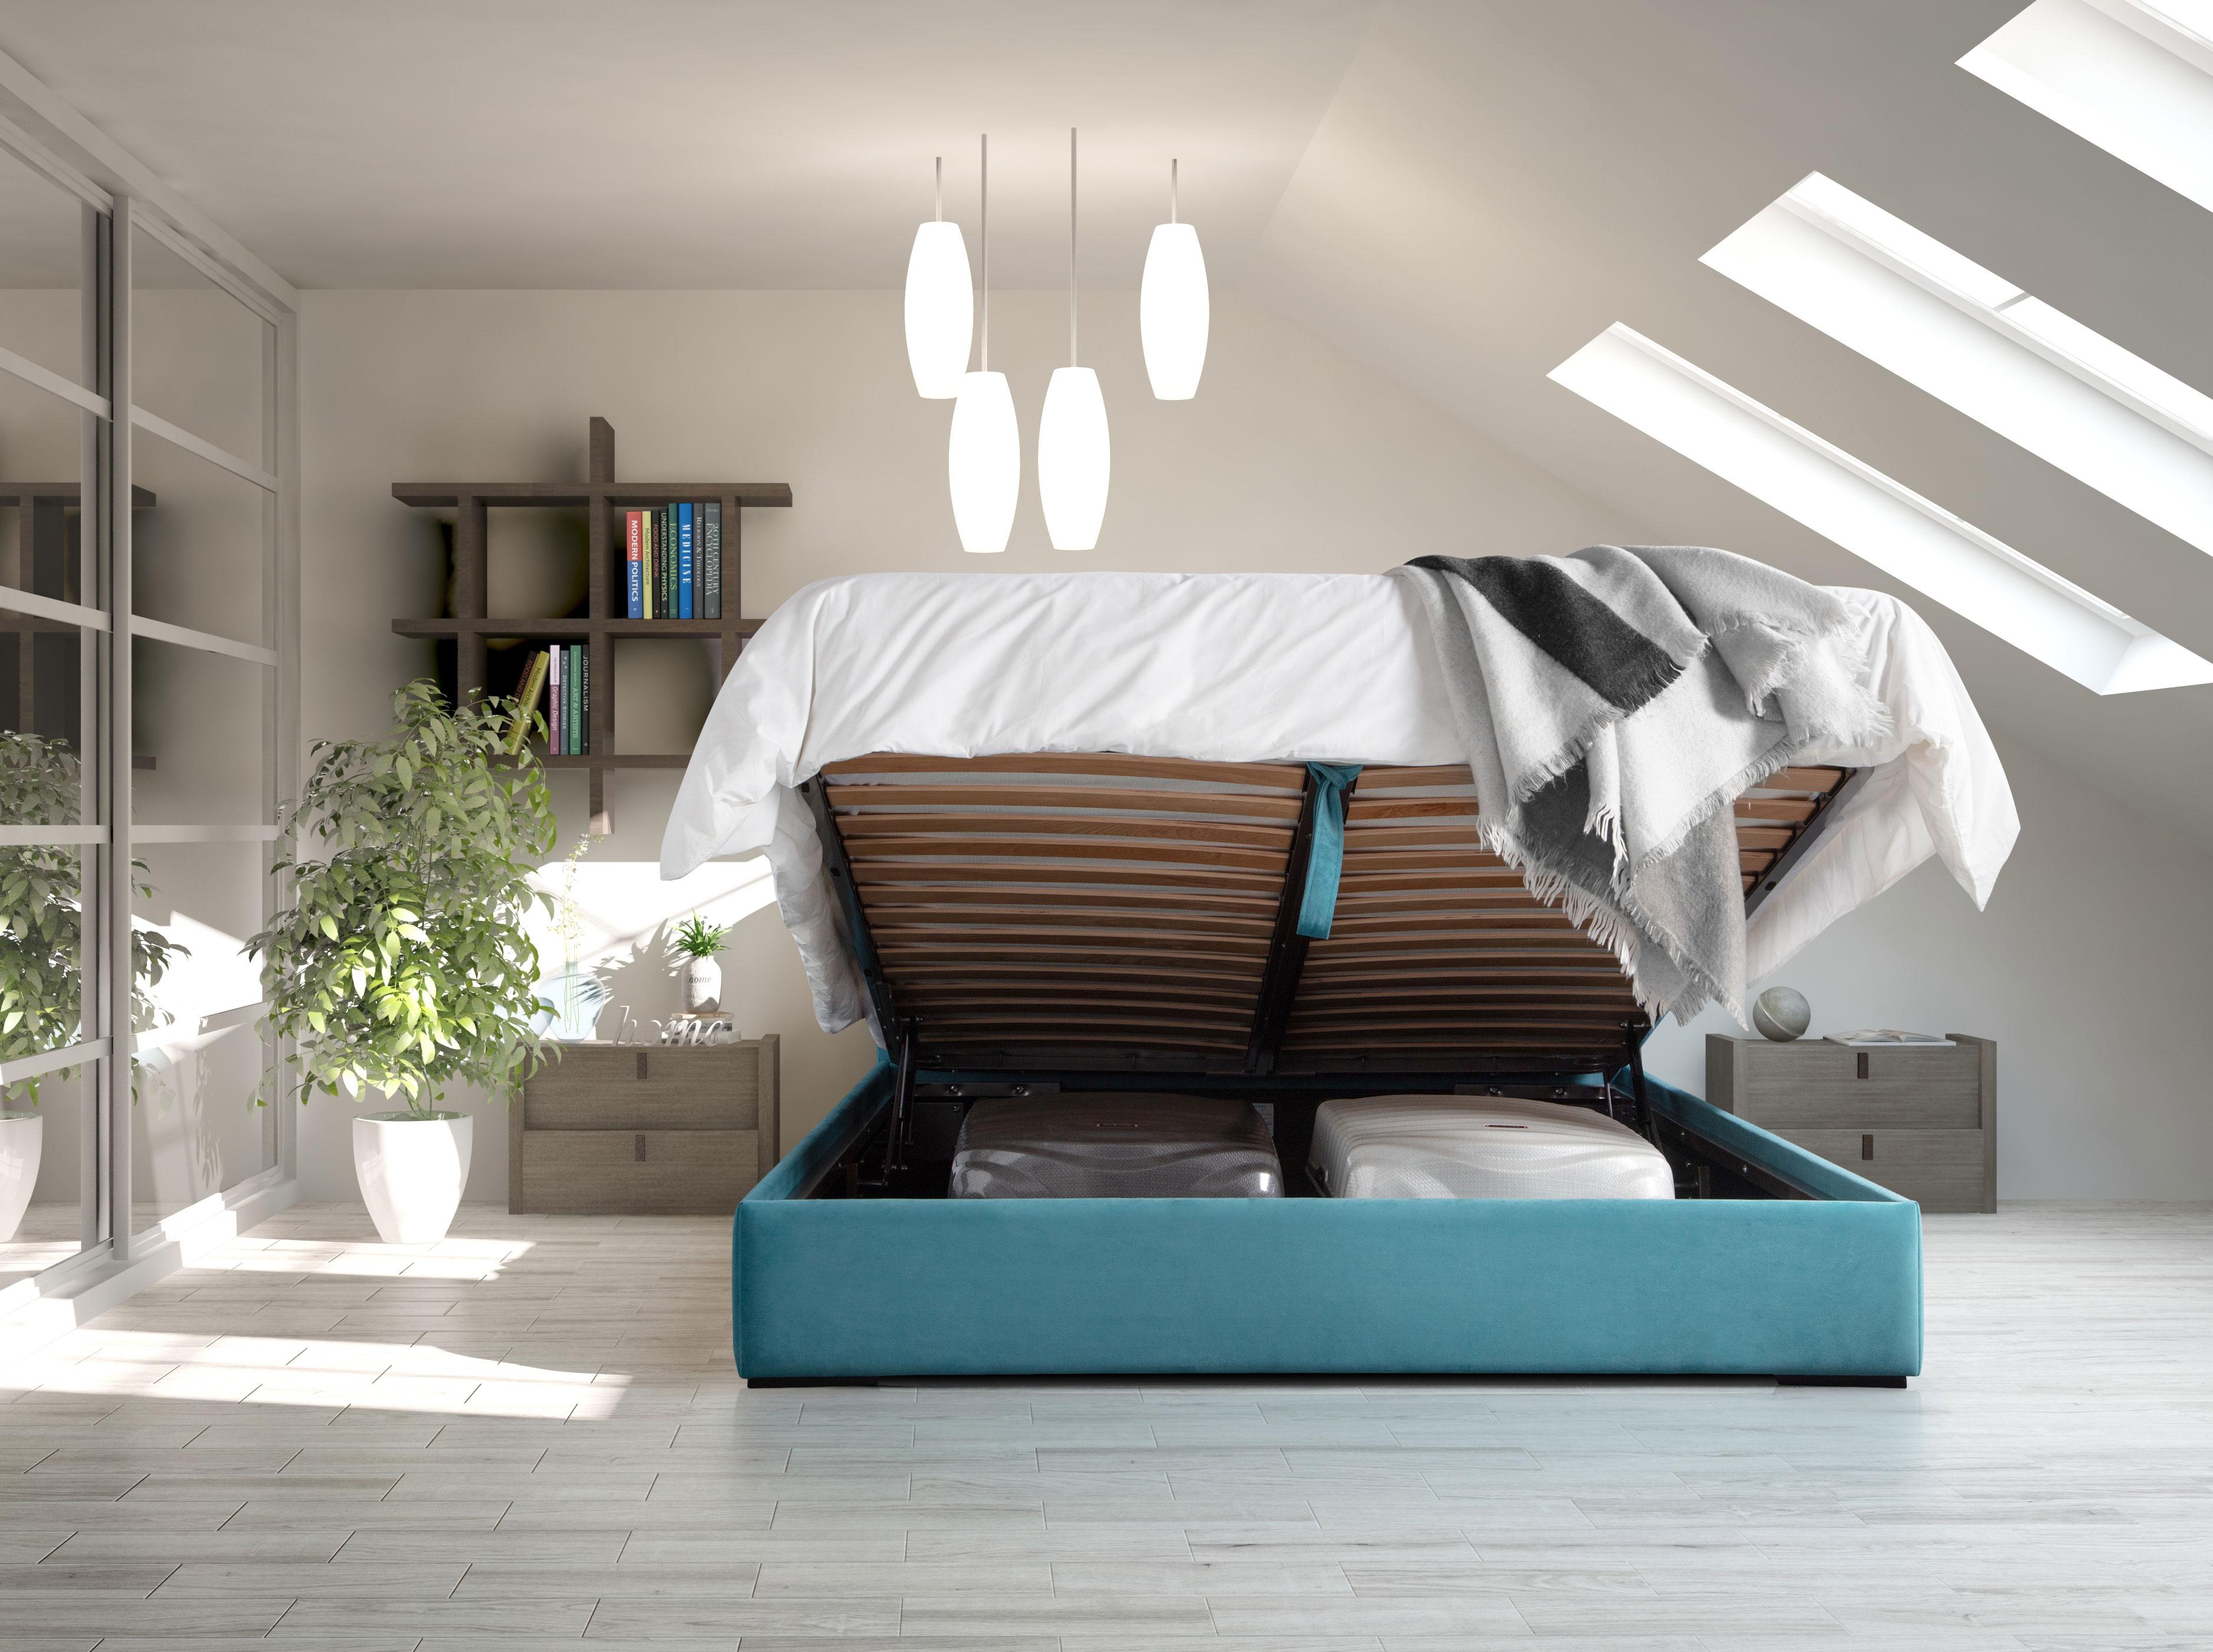 Bedroom Layout, Bedroom Layout Plan, Bedroom Plan, Bedroom Furniture, Bedroom Furniture Lists, Bedroom Furniture Options, Bedroom Furniture, Bedroom Design, Bedroom